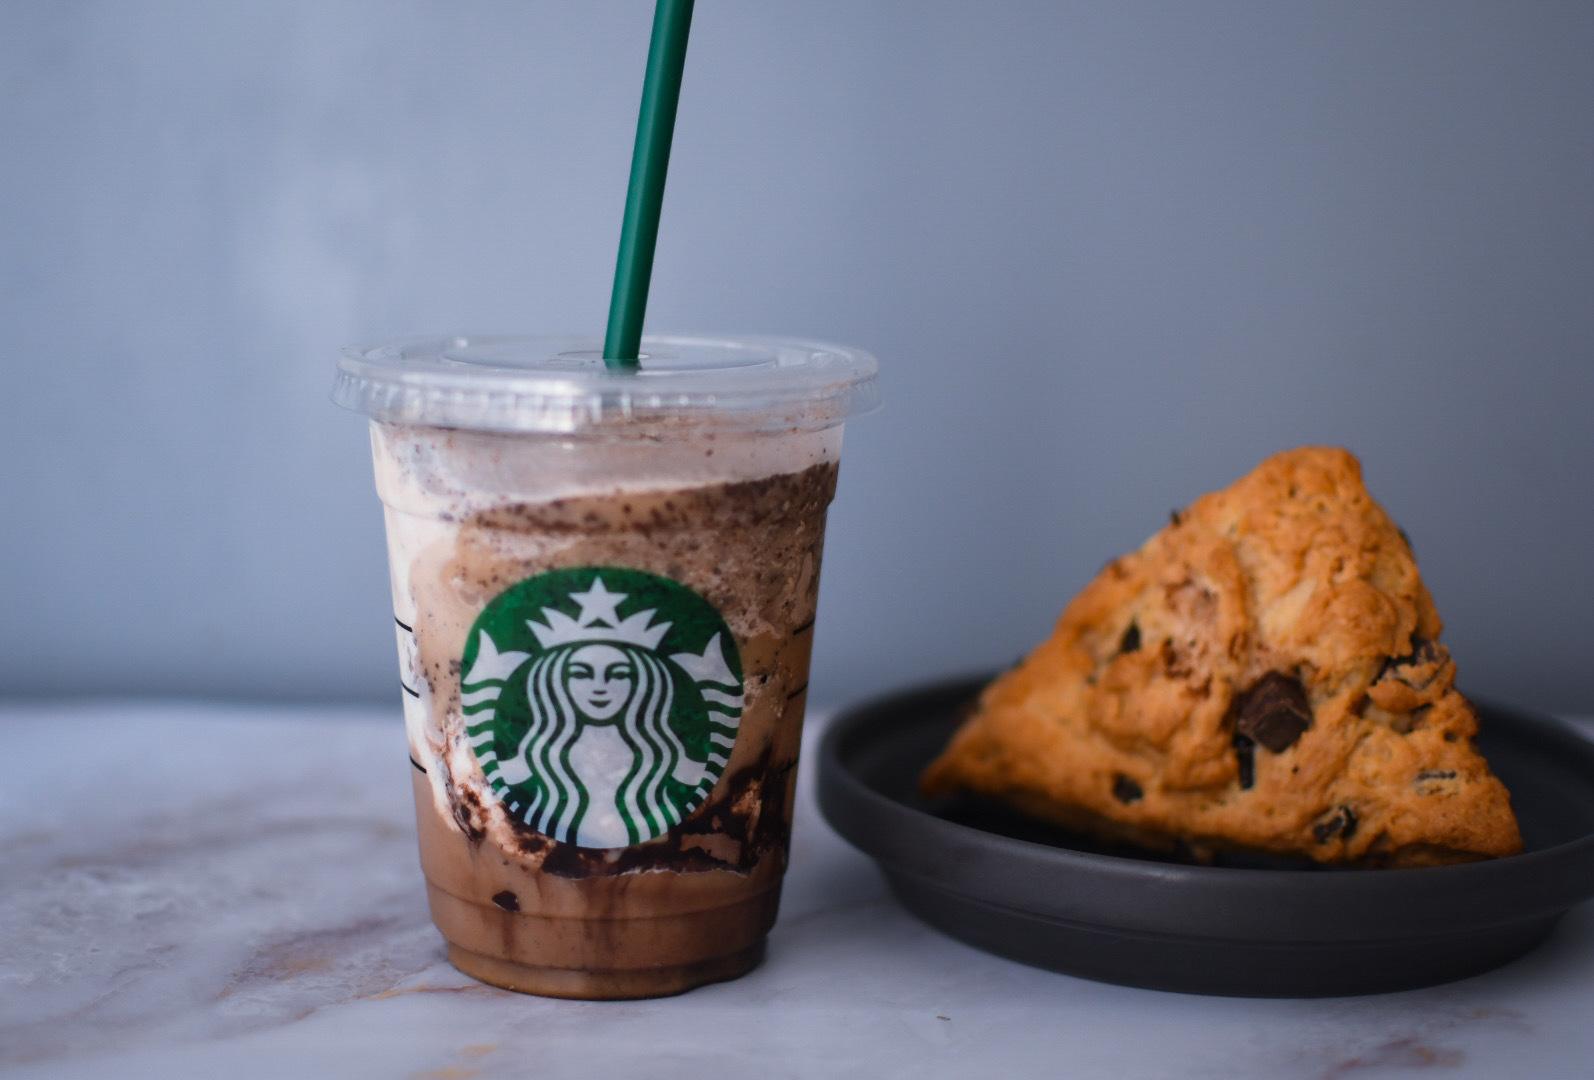 Uber Eatsでチャイオーダーしたスターバックスコーヒーの「チャイ チョコレート フラペチーノ®」